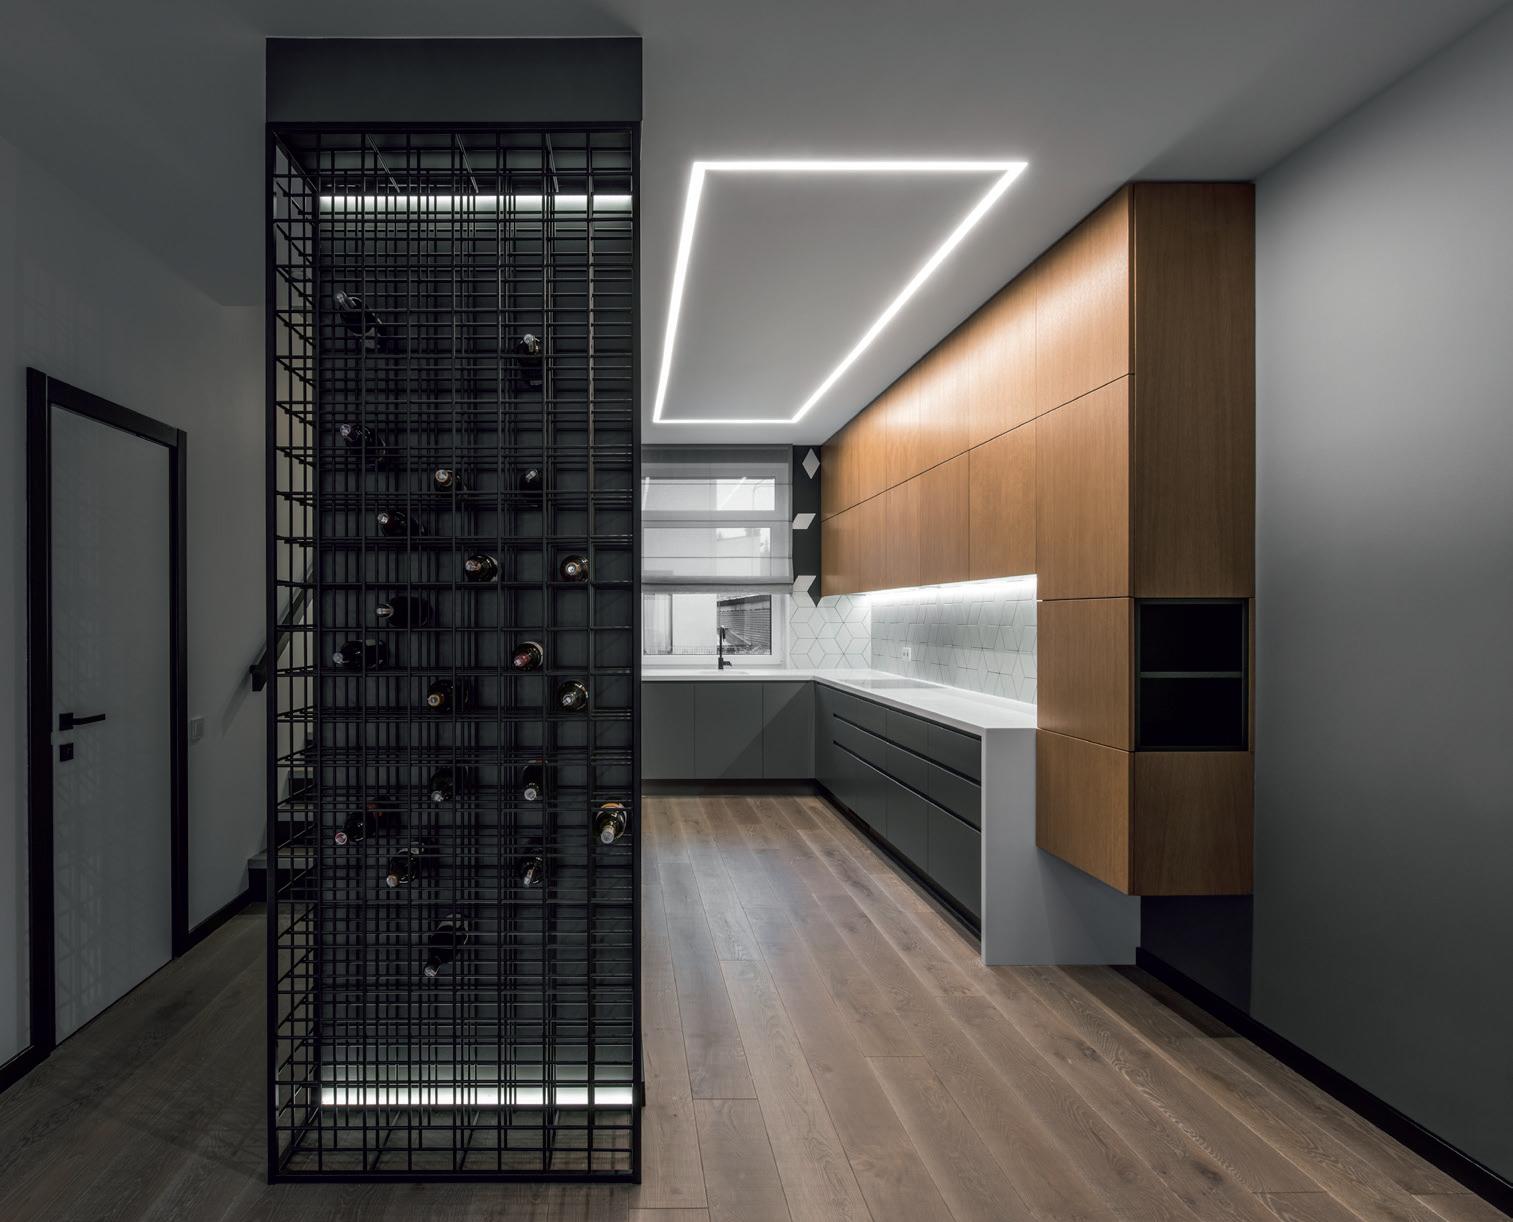 Įmontuotas modernus LED apšvietimas. Aut. Indrė Sunklodienė